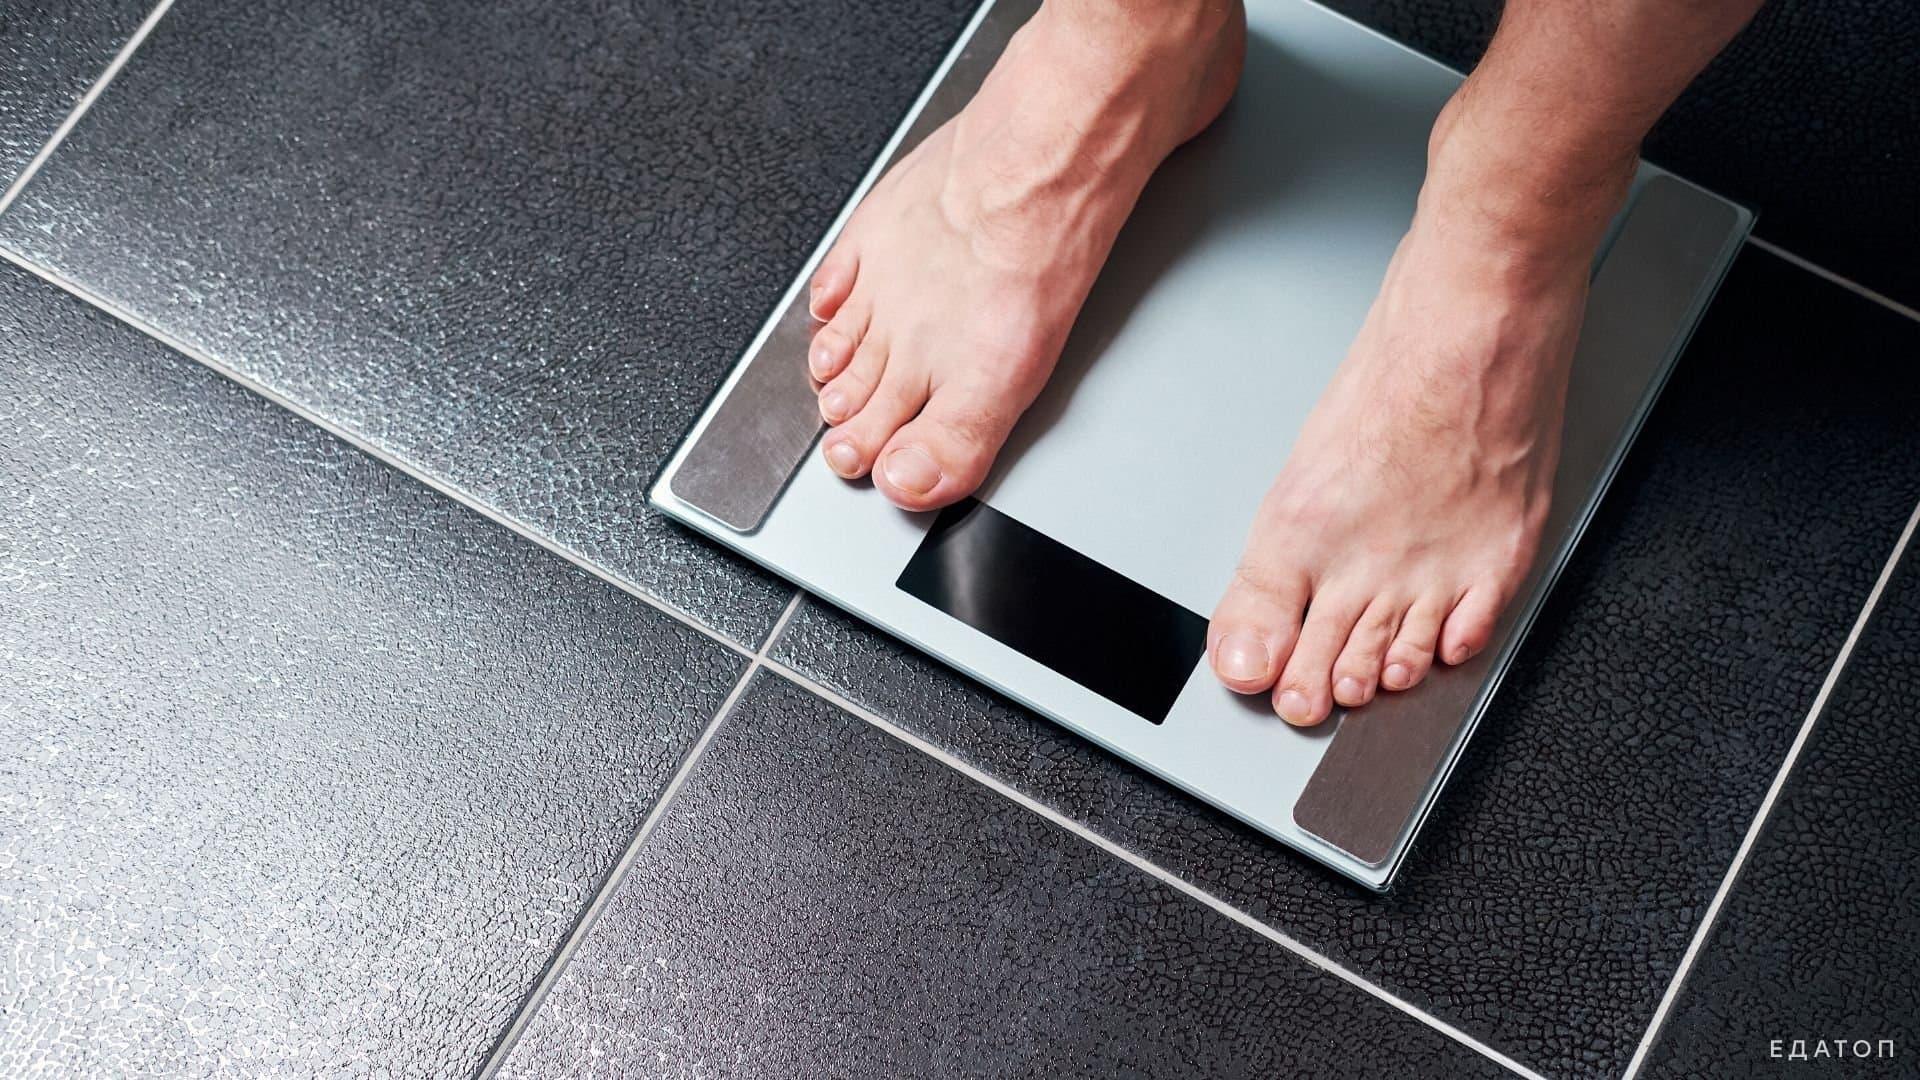 Норма снижения веса в месяц для похудения без проблем составляет от 4 до 7 кг.